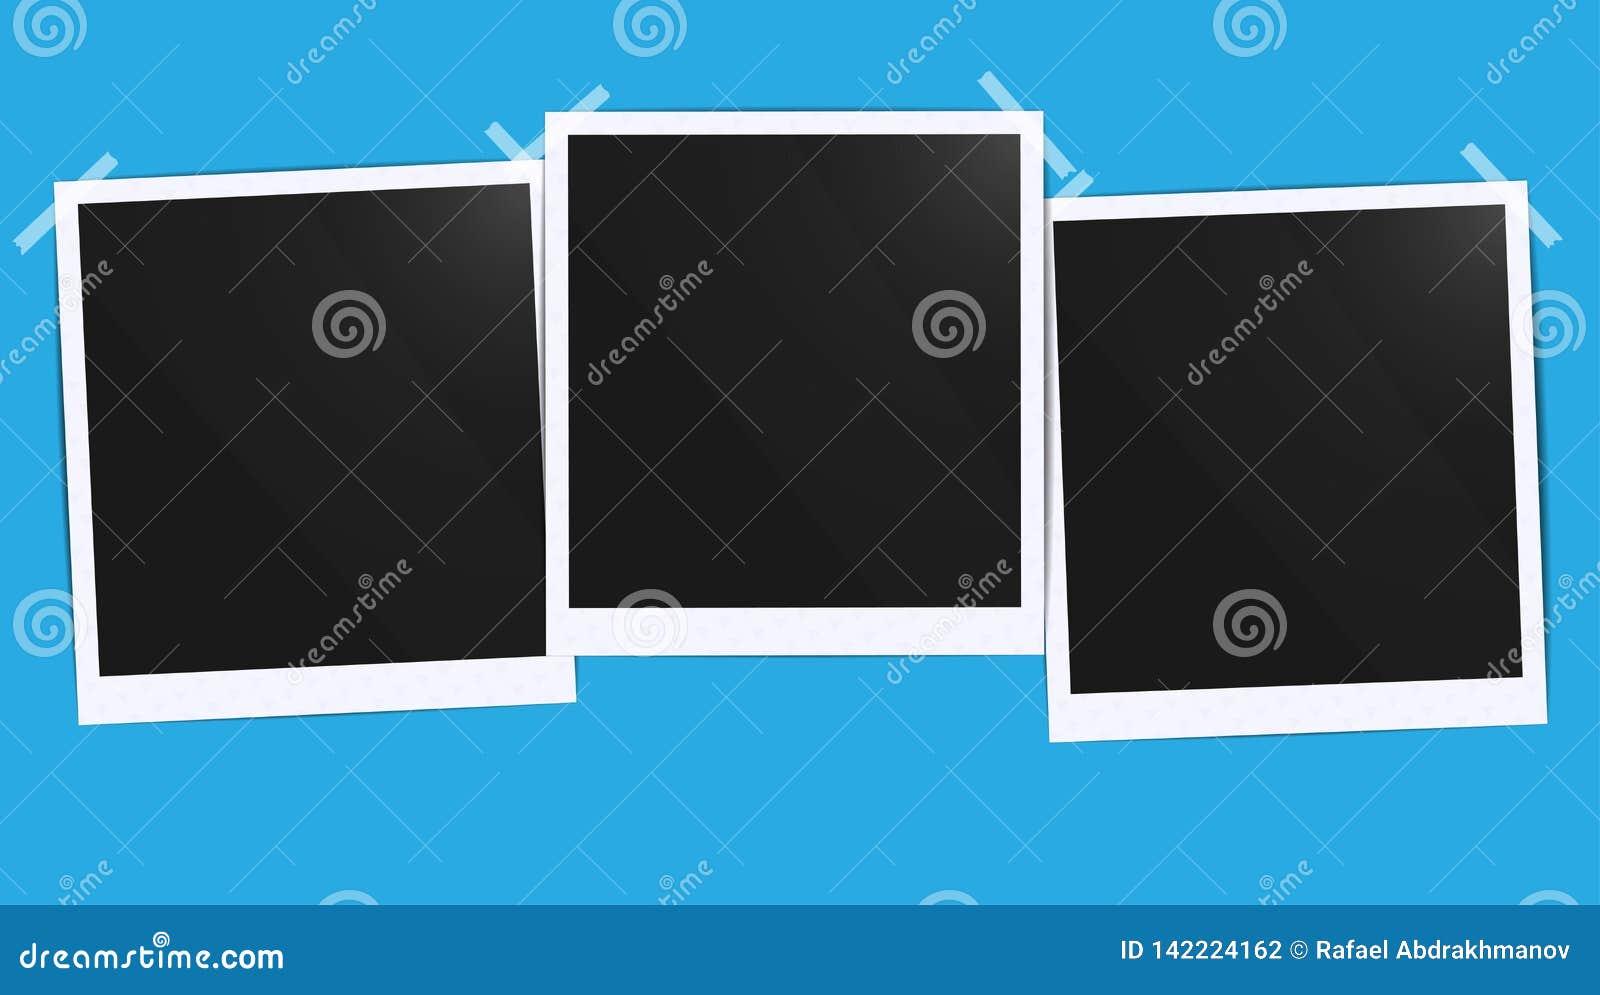 Det realistiska tomma fotosvartmellanrumet inramar grupperingsmodellen som limmas med bandet Gör det med illustrationen för lutni